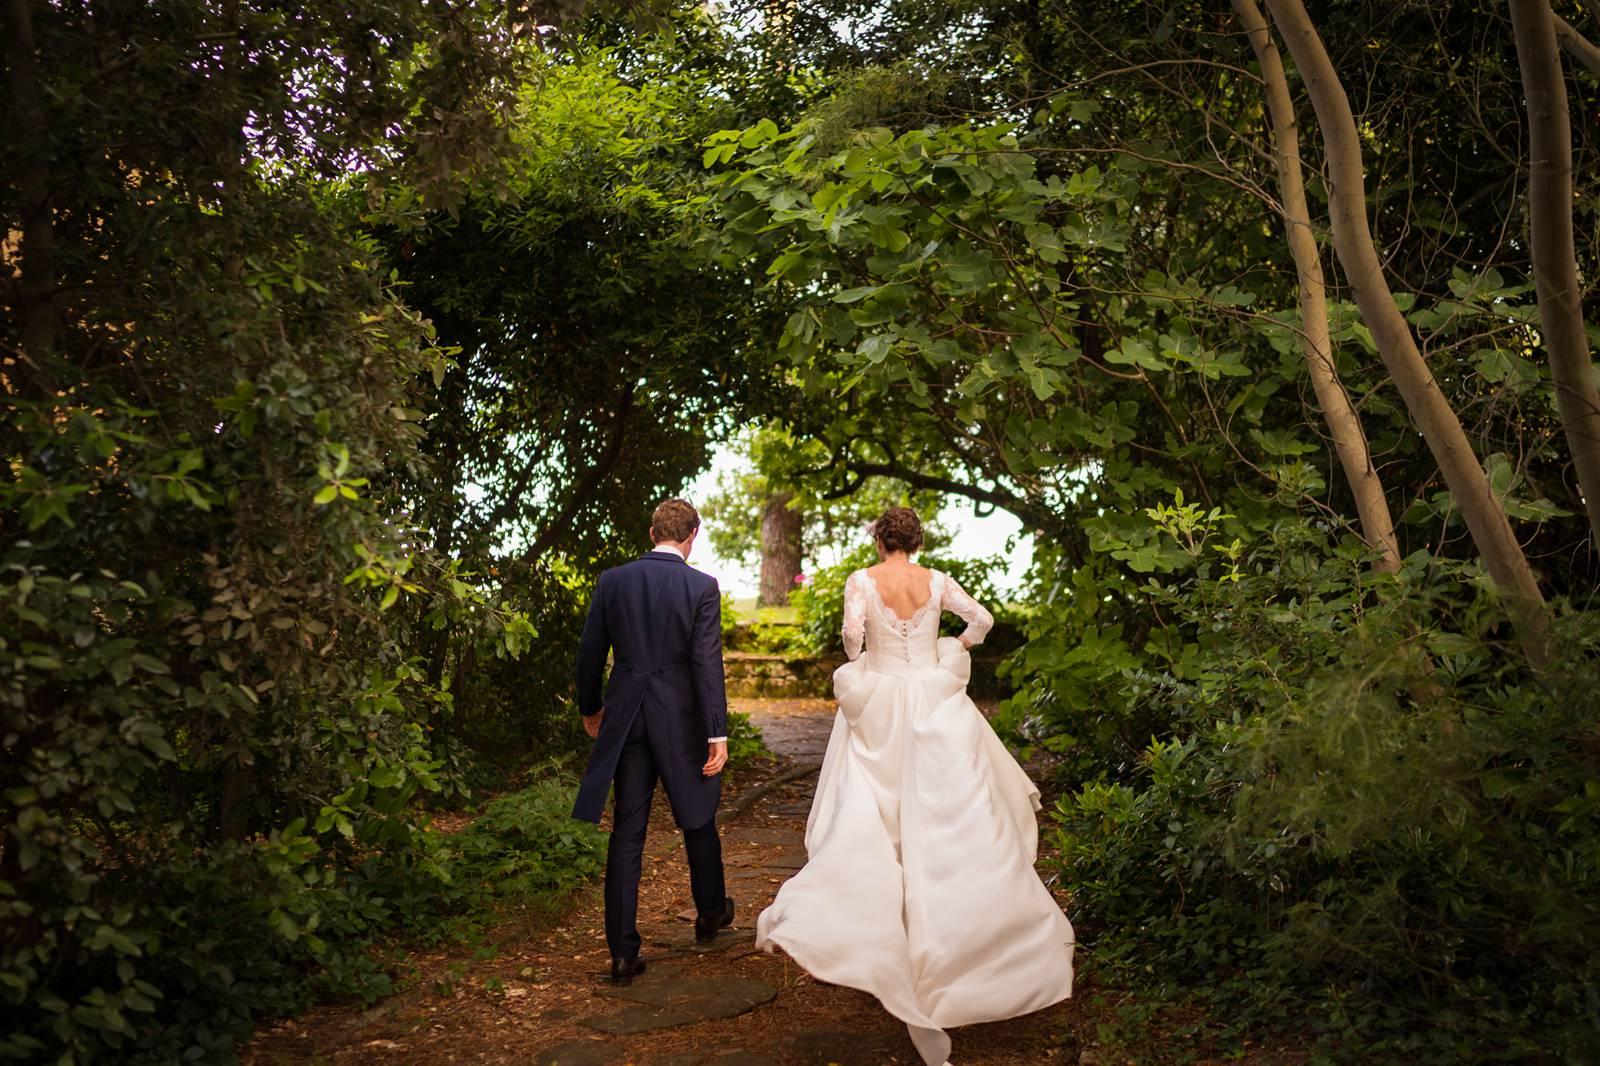 Le reportage photo de mariage à la maison de Capucine et Jean au Cap Ferret. Cérémonie religieuse à Notre Dame des Flots, Pinasse sur le Bassin d'Arcachon...